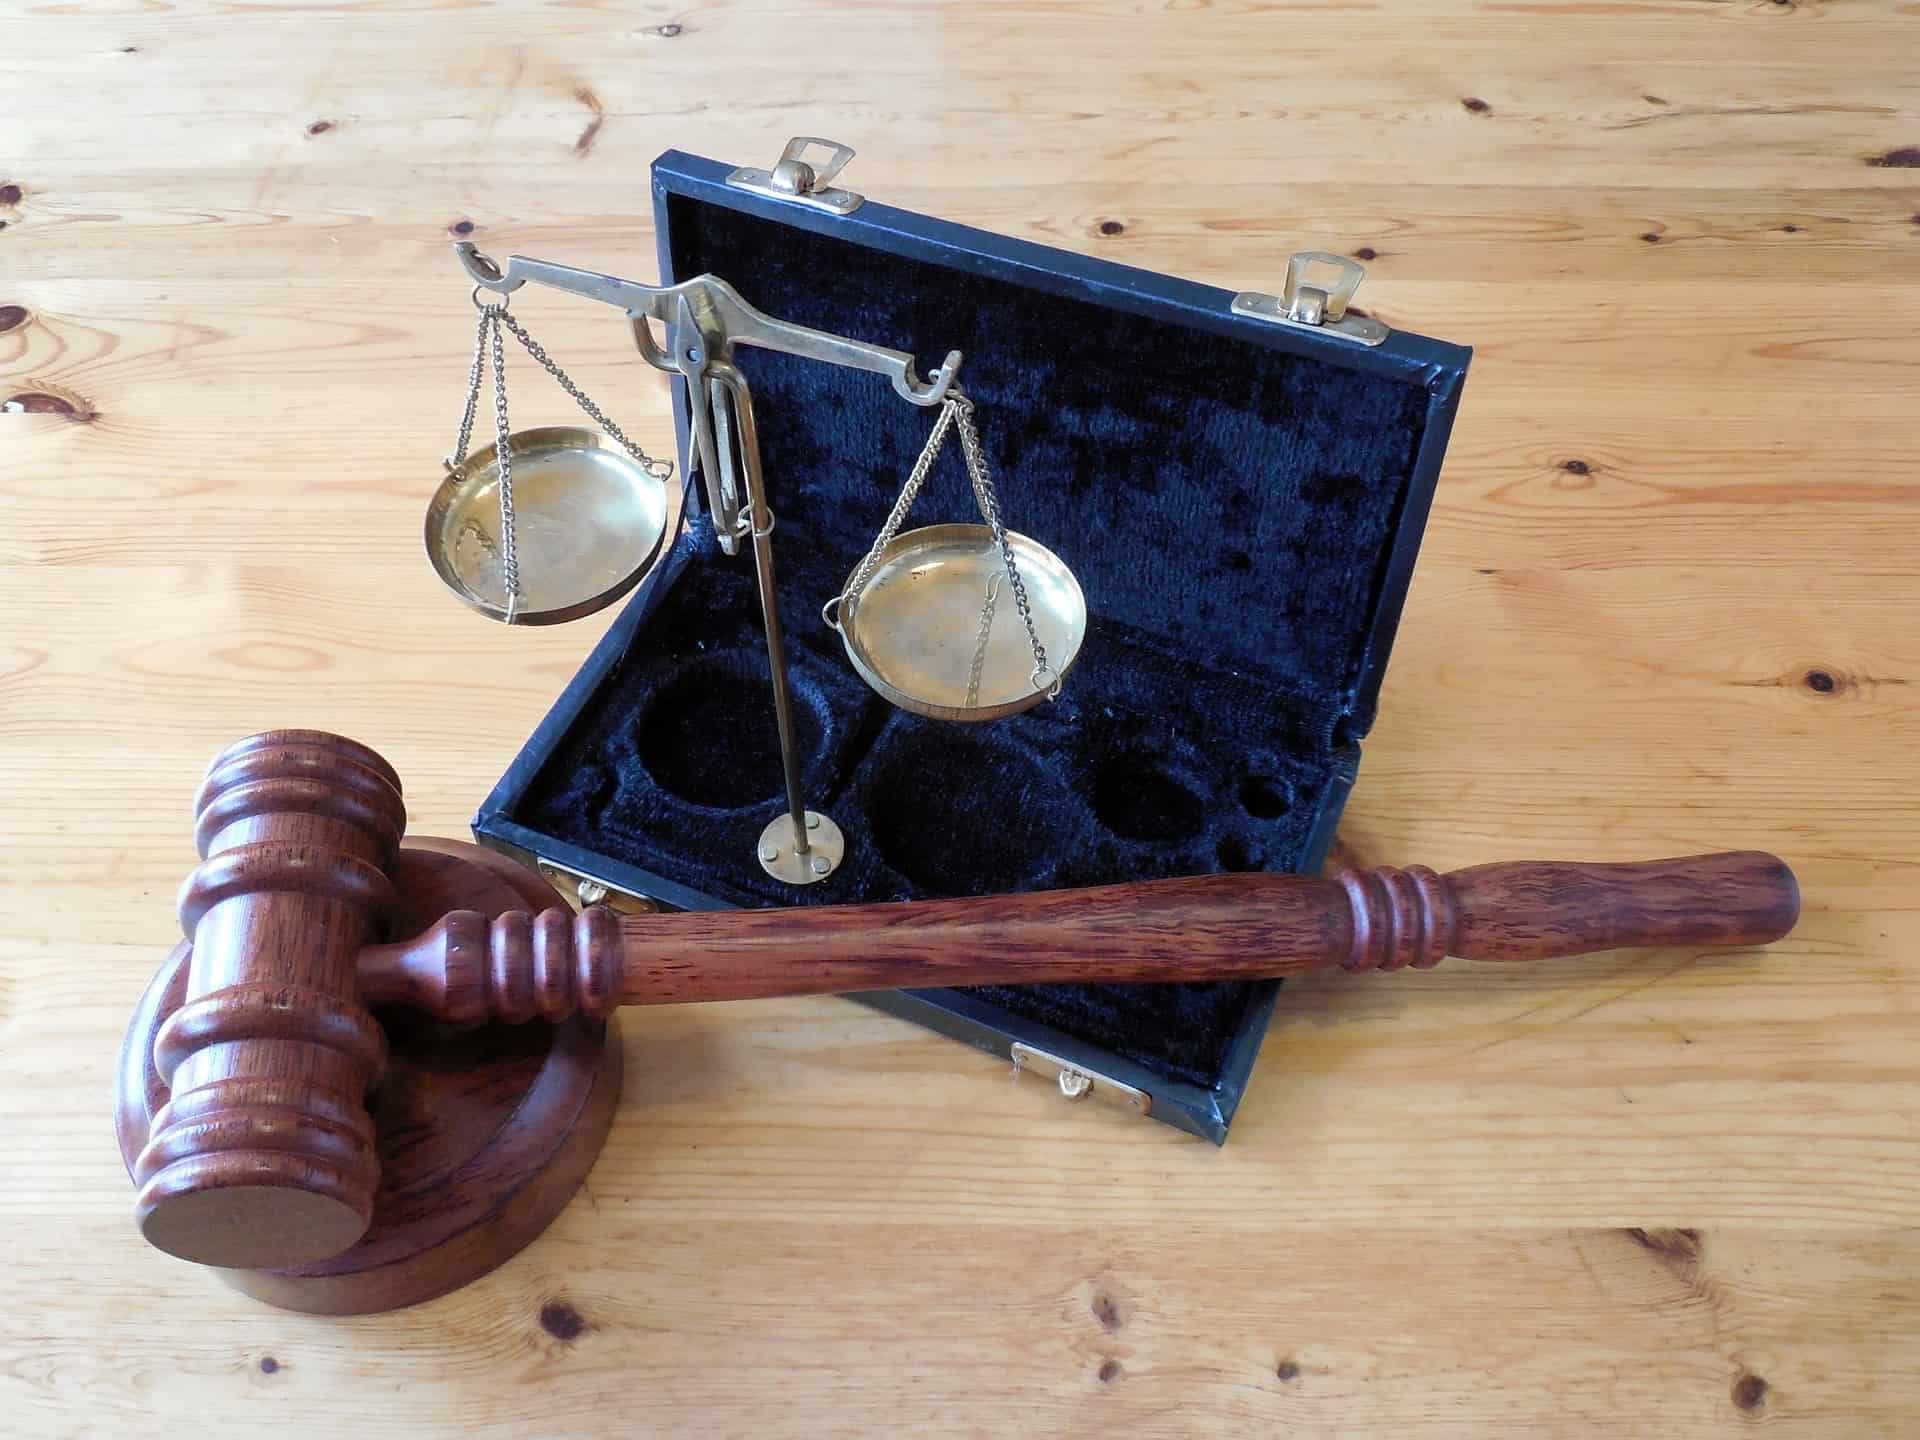 onagrup pierde los juicios